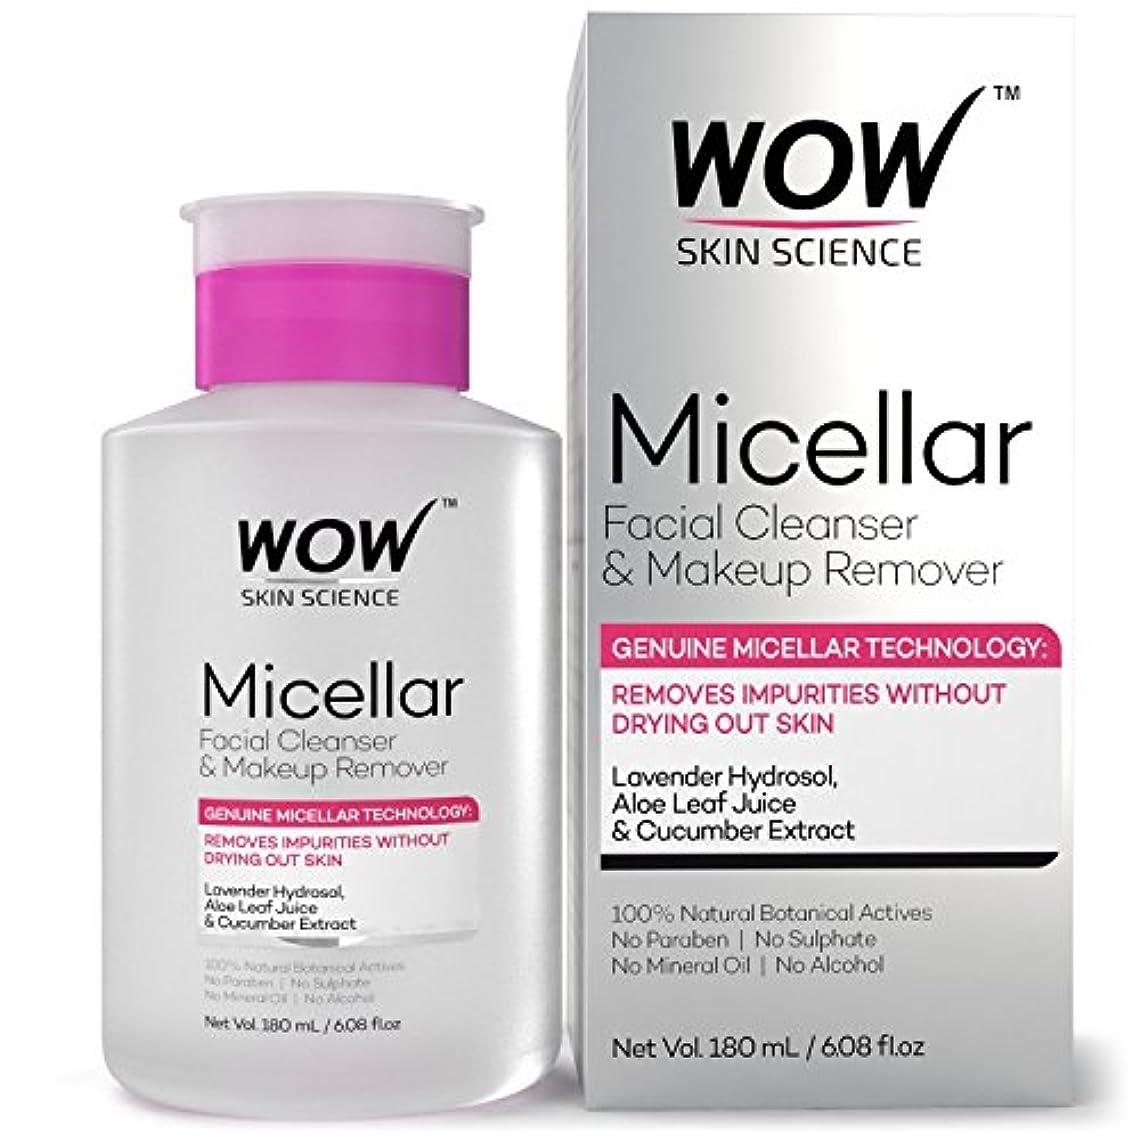 可能性きらめき無法者WOW Micellar Facial Cleanser & Make Up Remover No Parabens, Sulphates, Mineral Oil, Alcohol & Synthetic Fragrance...